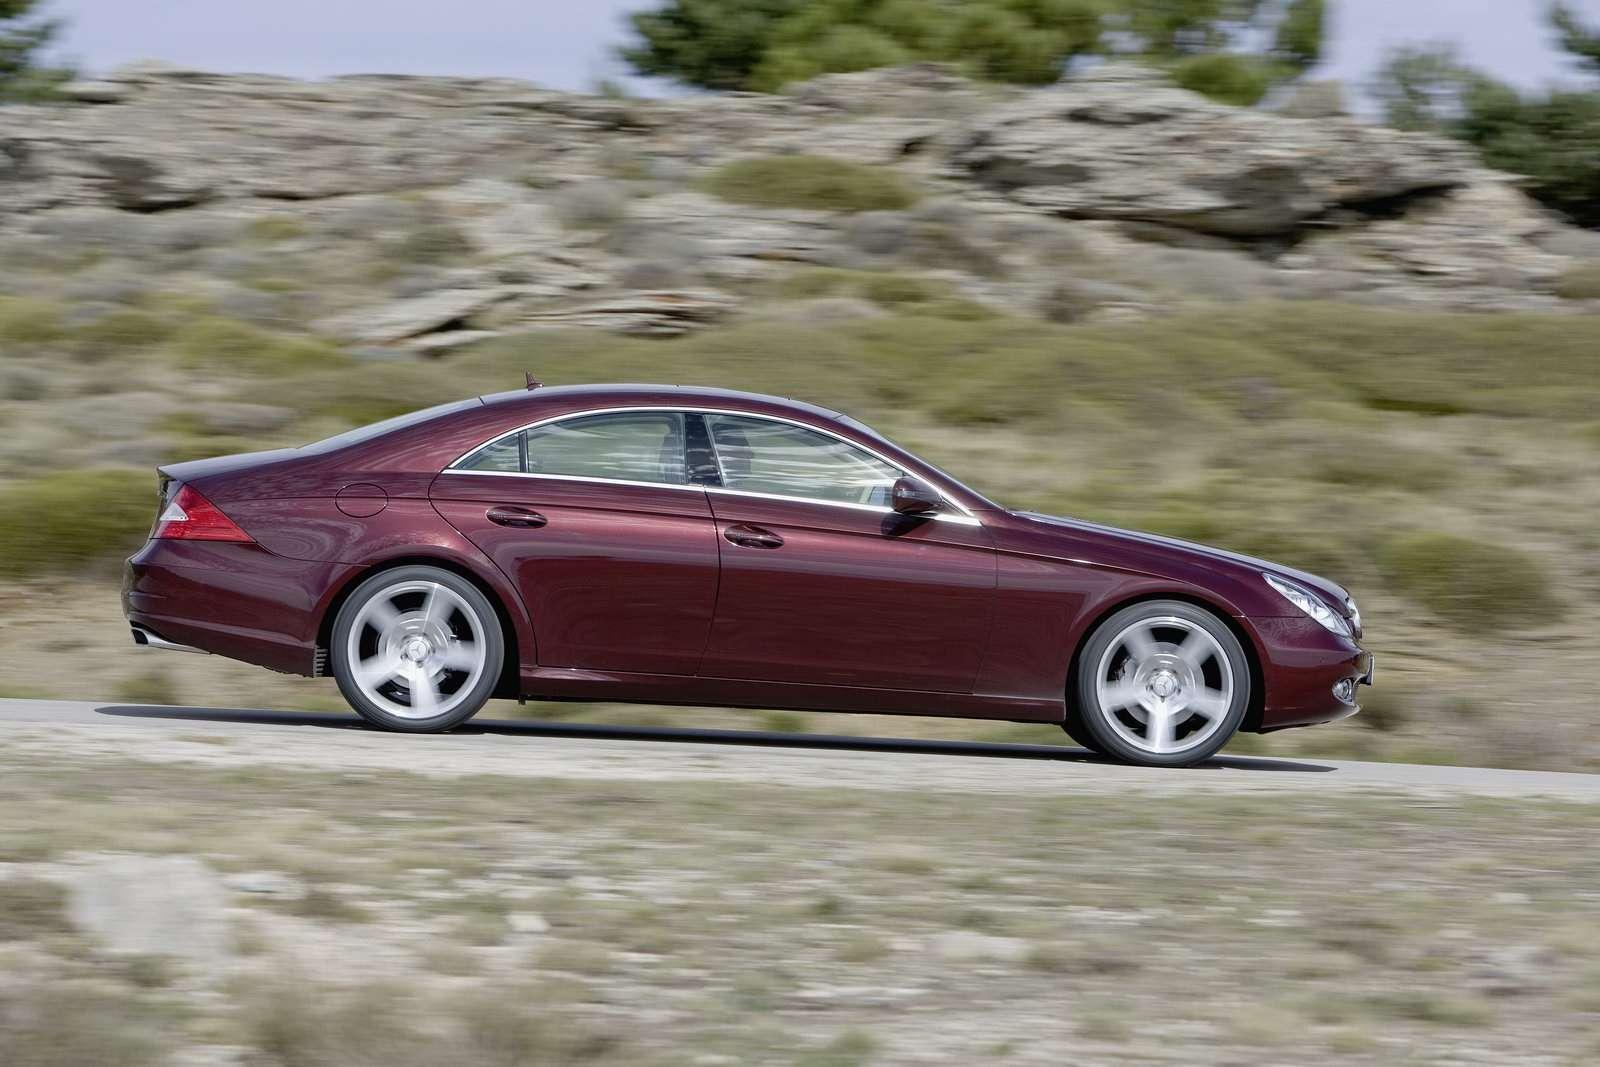 Mercedes-Benz CLS last lipiec 2010